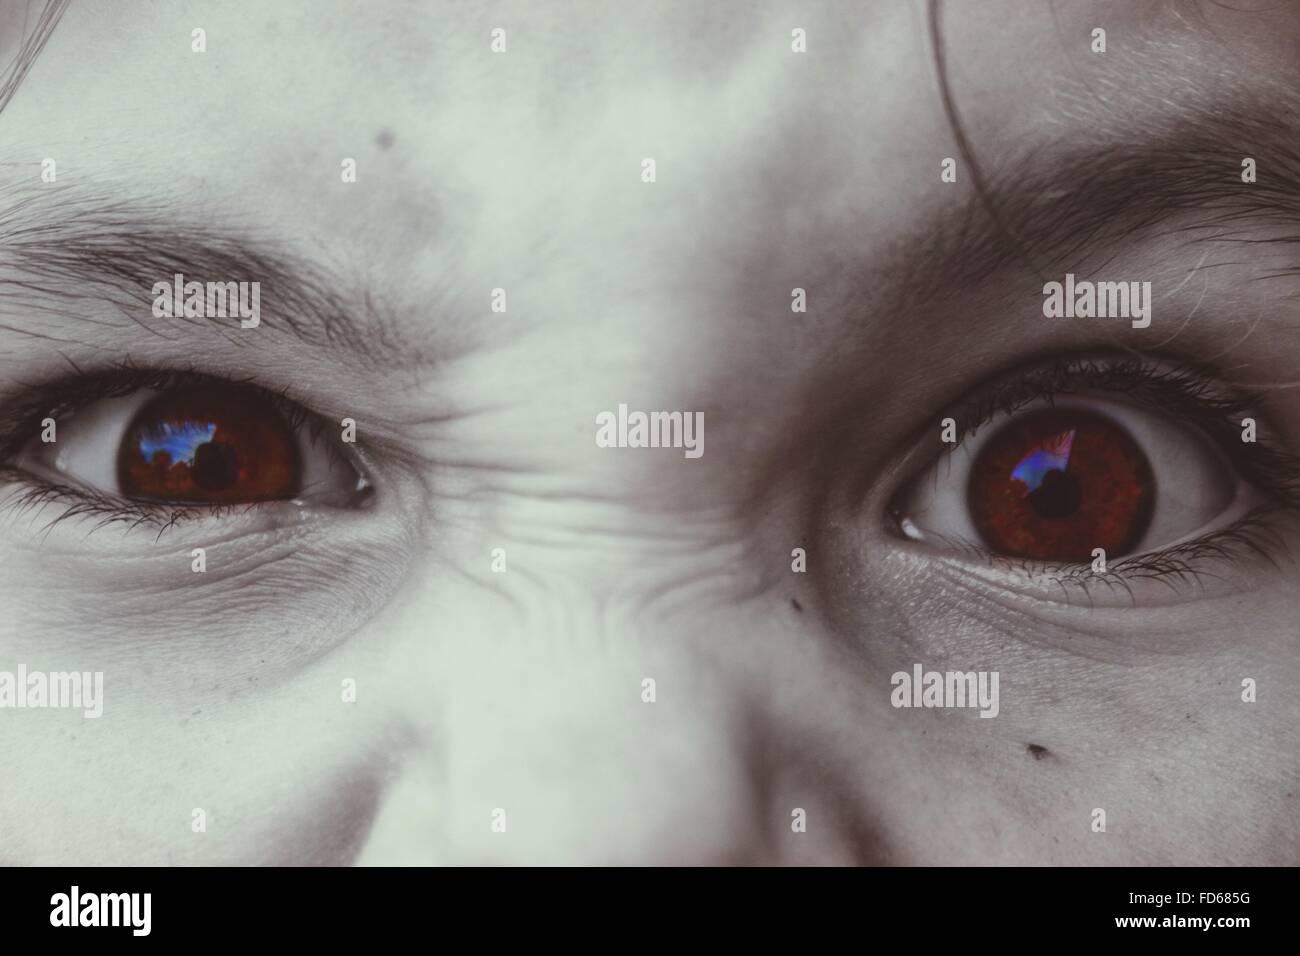 Primo piano di un bambino gli occhi Immagini Stock